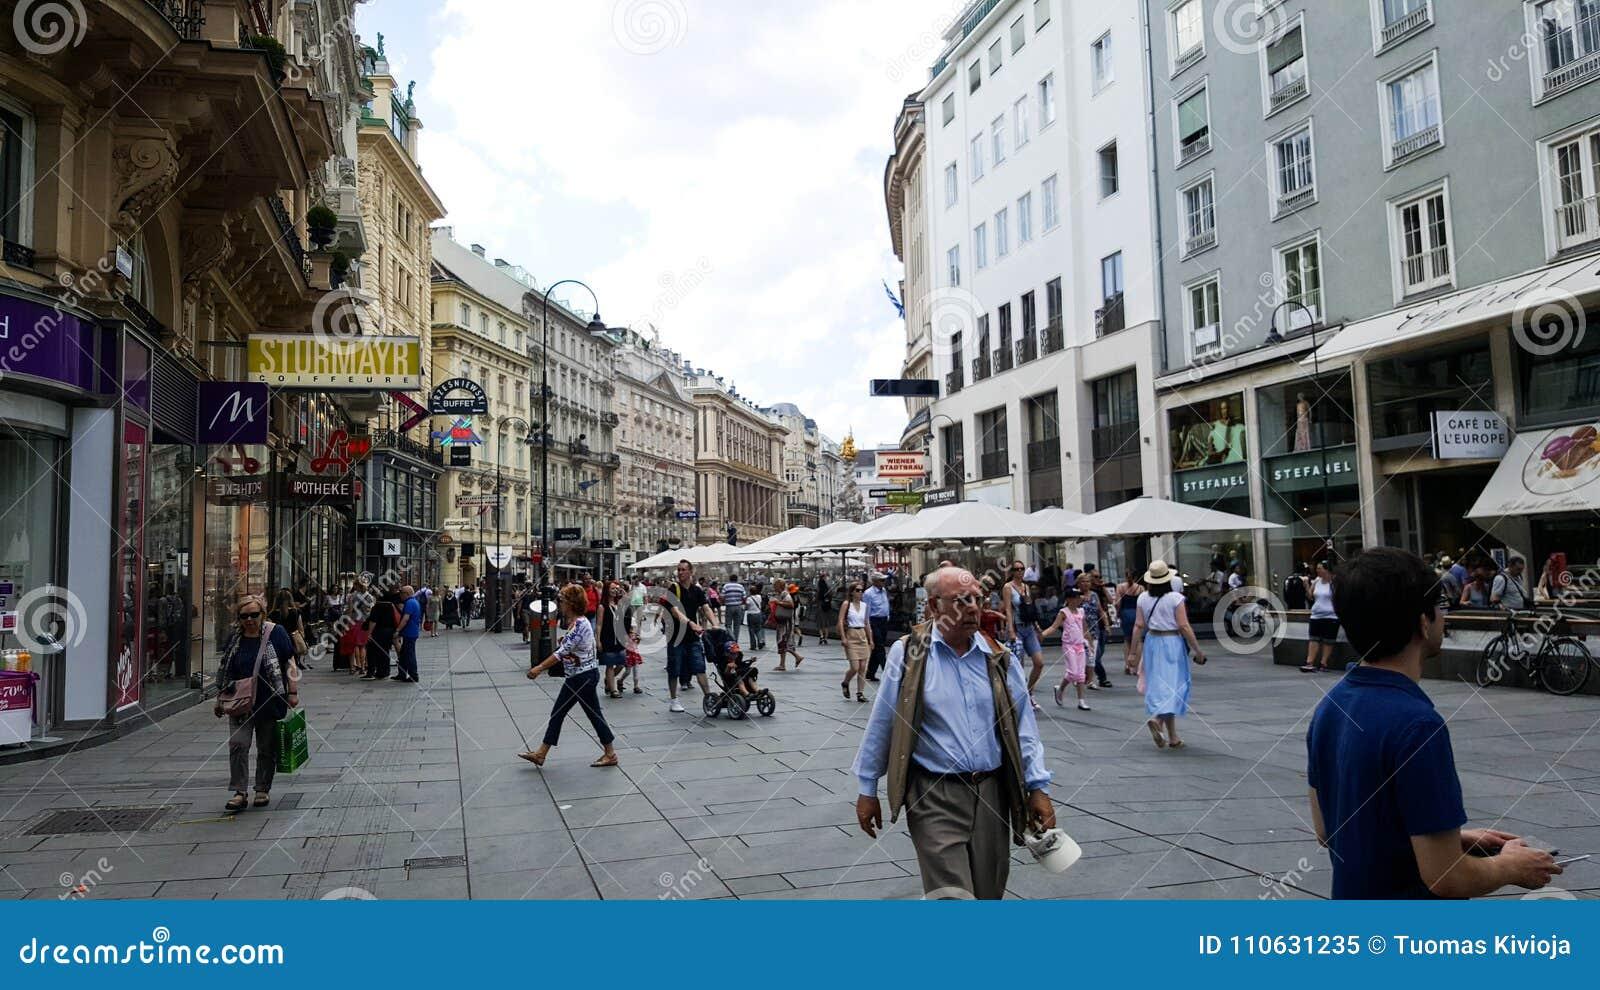 Una escena en las calles de Viena con una muchedumbre de gente